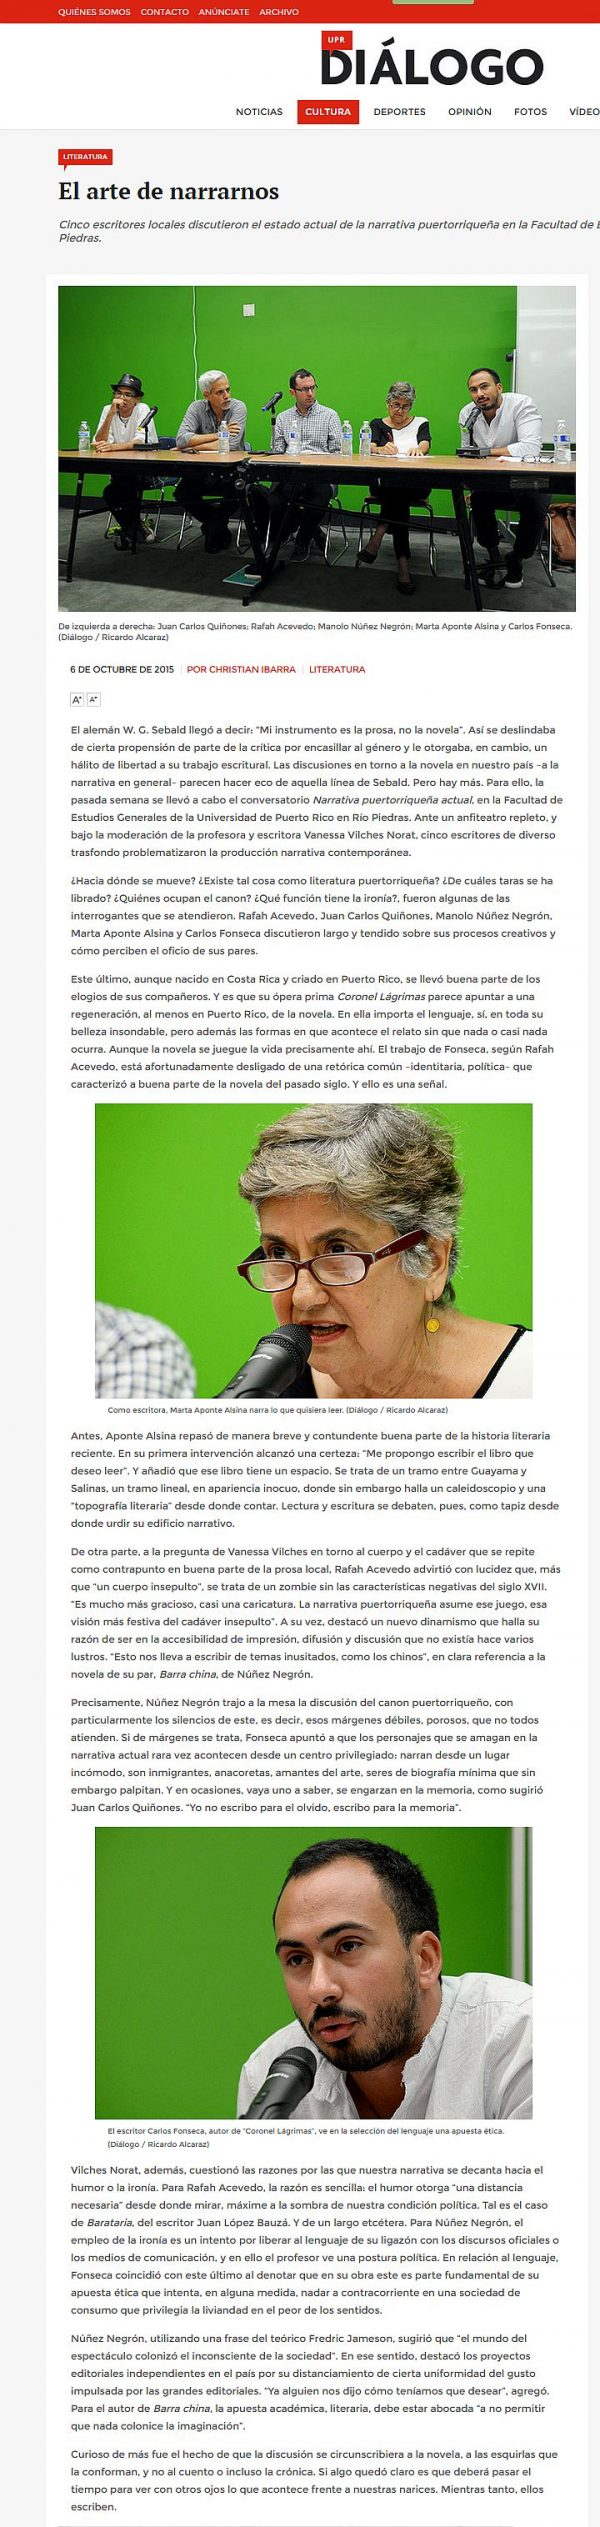 El arte de narrarnos, narrativa puertorriqueña actual-Autogiro arte actual